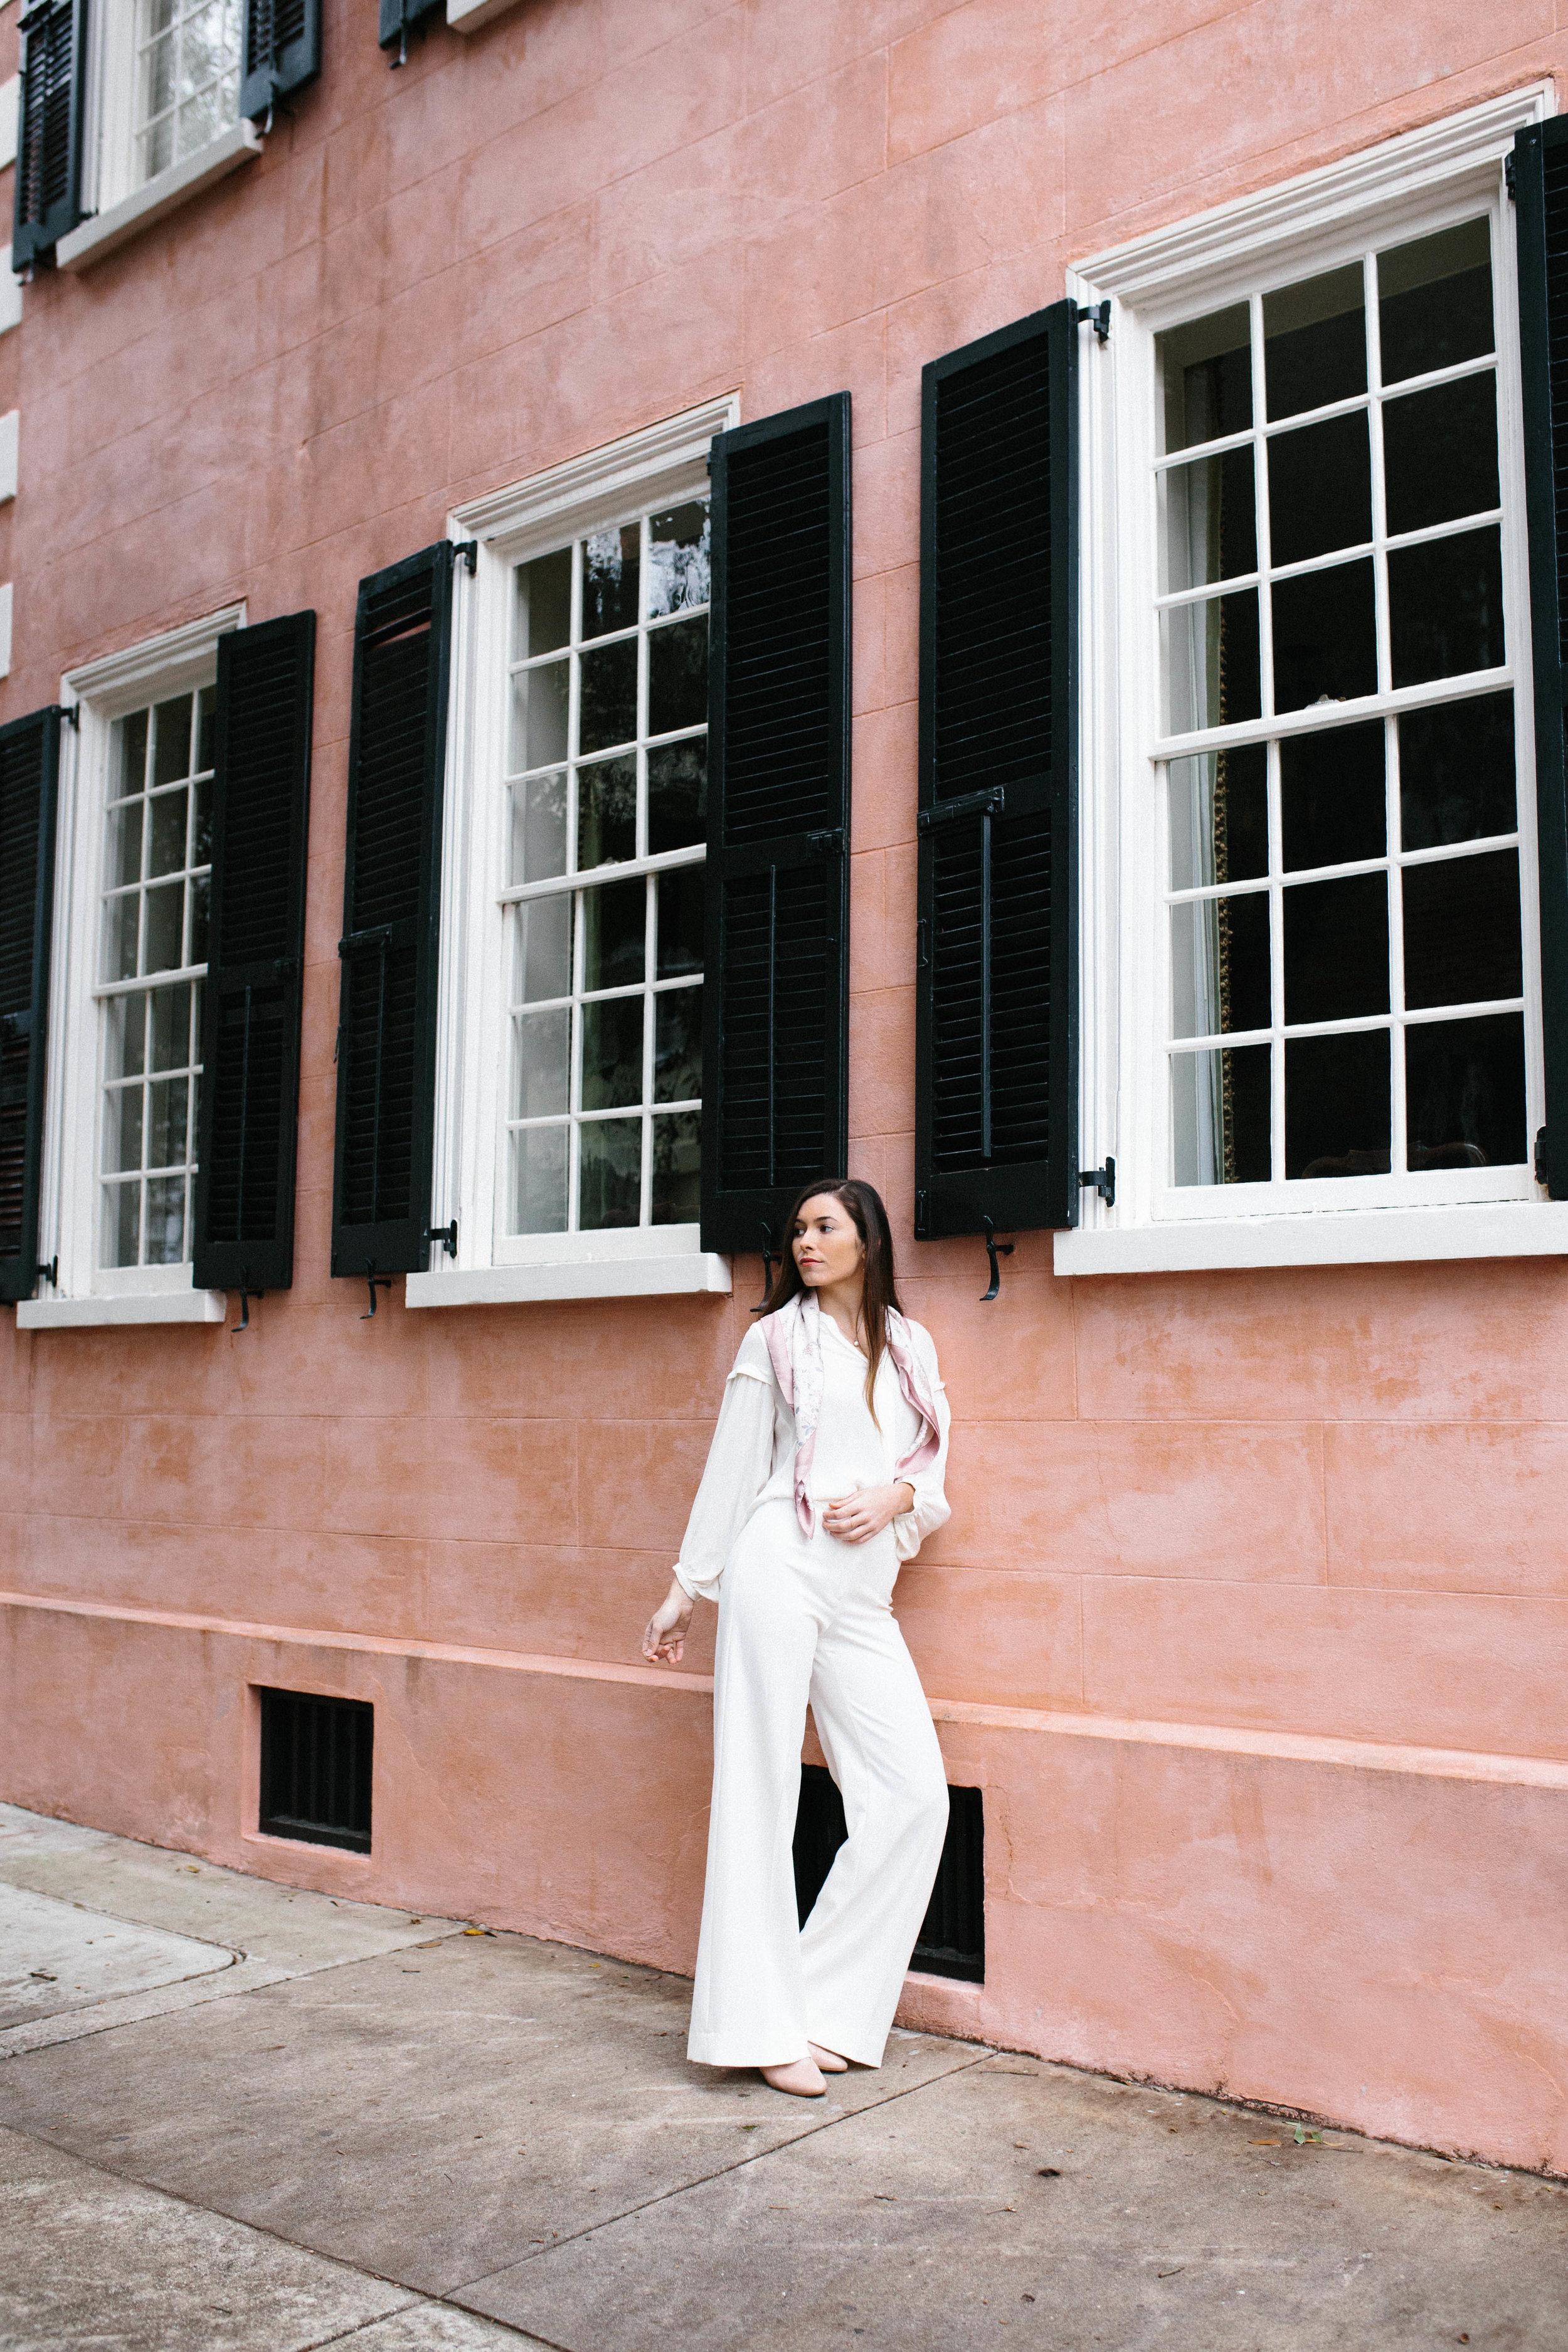 fashion + portrait photography by Maggie Braucher